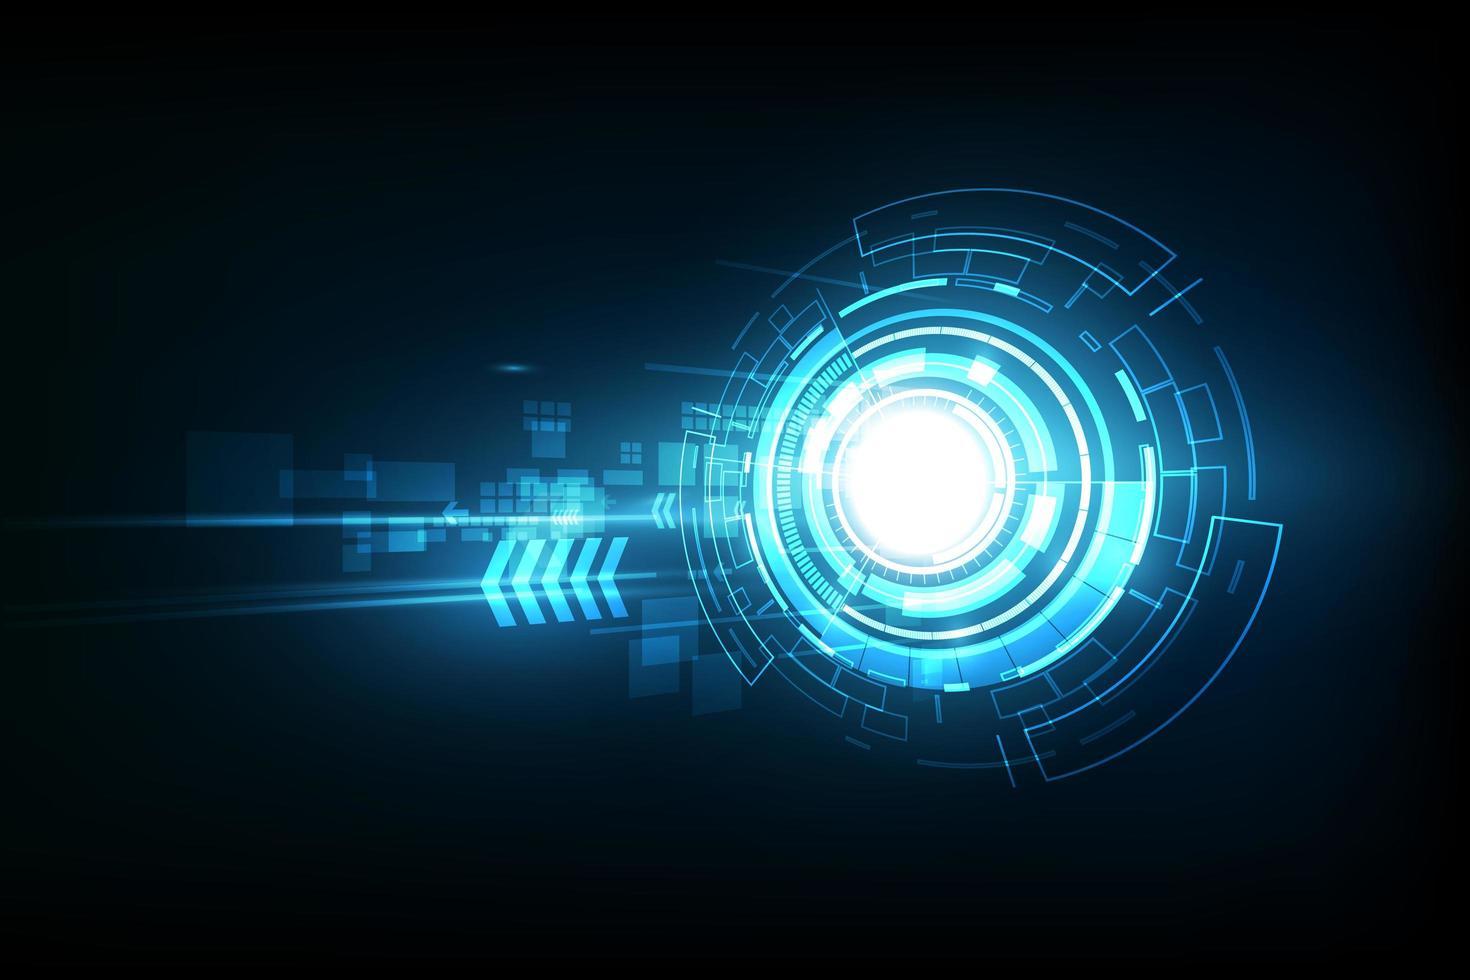 technologie future abstraite, fond de télécommunications électriques vecteur